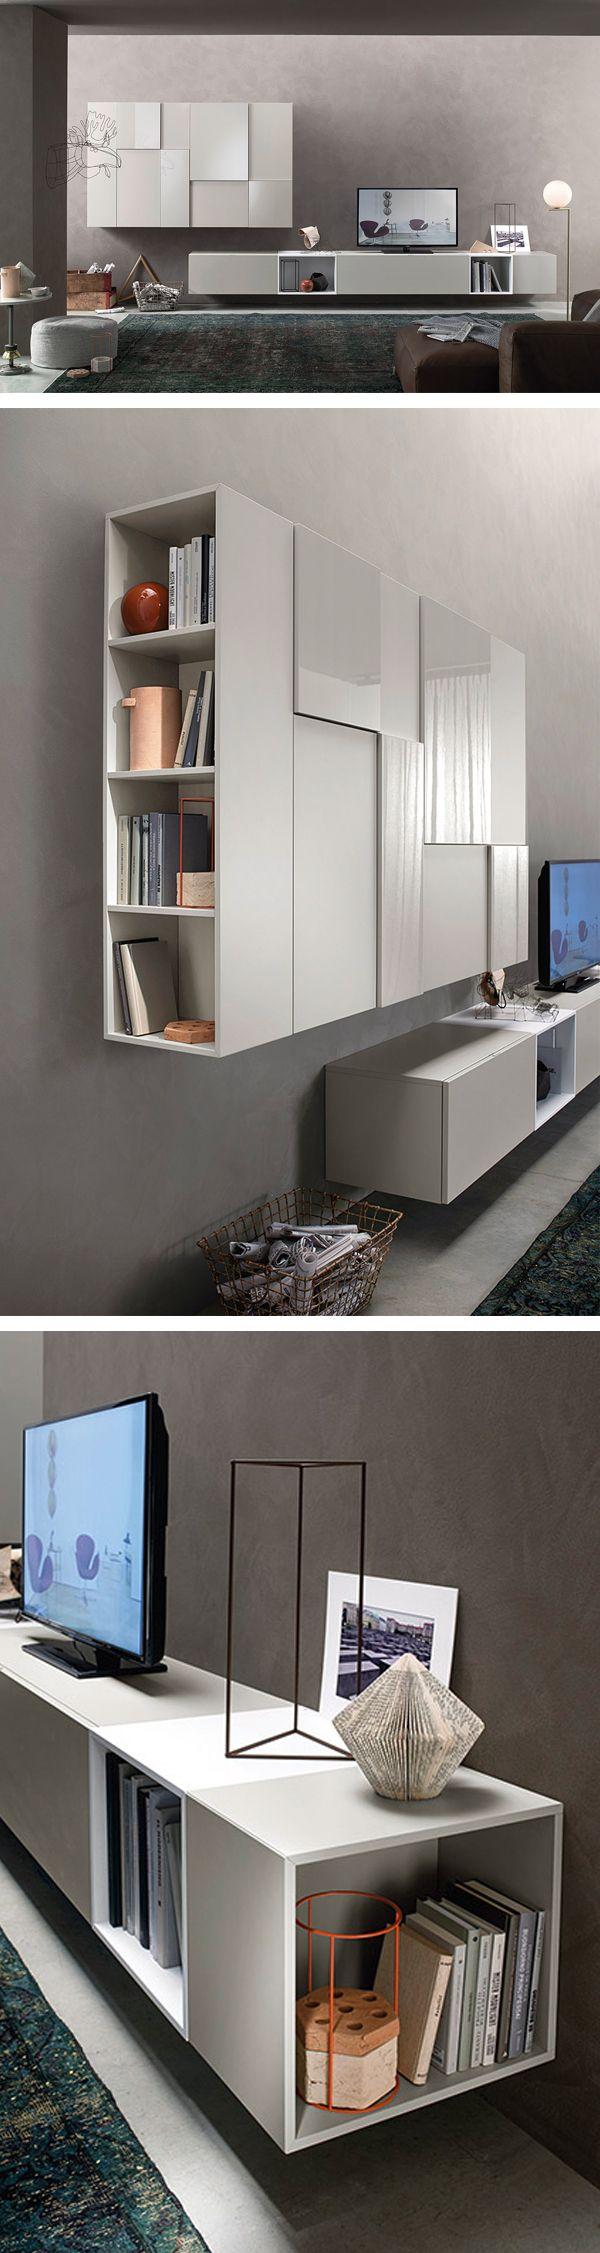 Die Design Wohnwand C07 Hat Eine Matte Und Teils Glänzende Oberfläche Mit  Unterschiedlichen Stärken. #